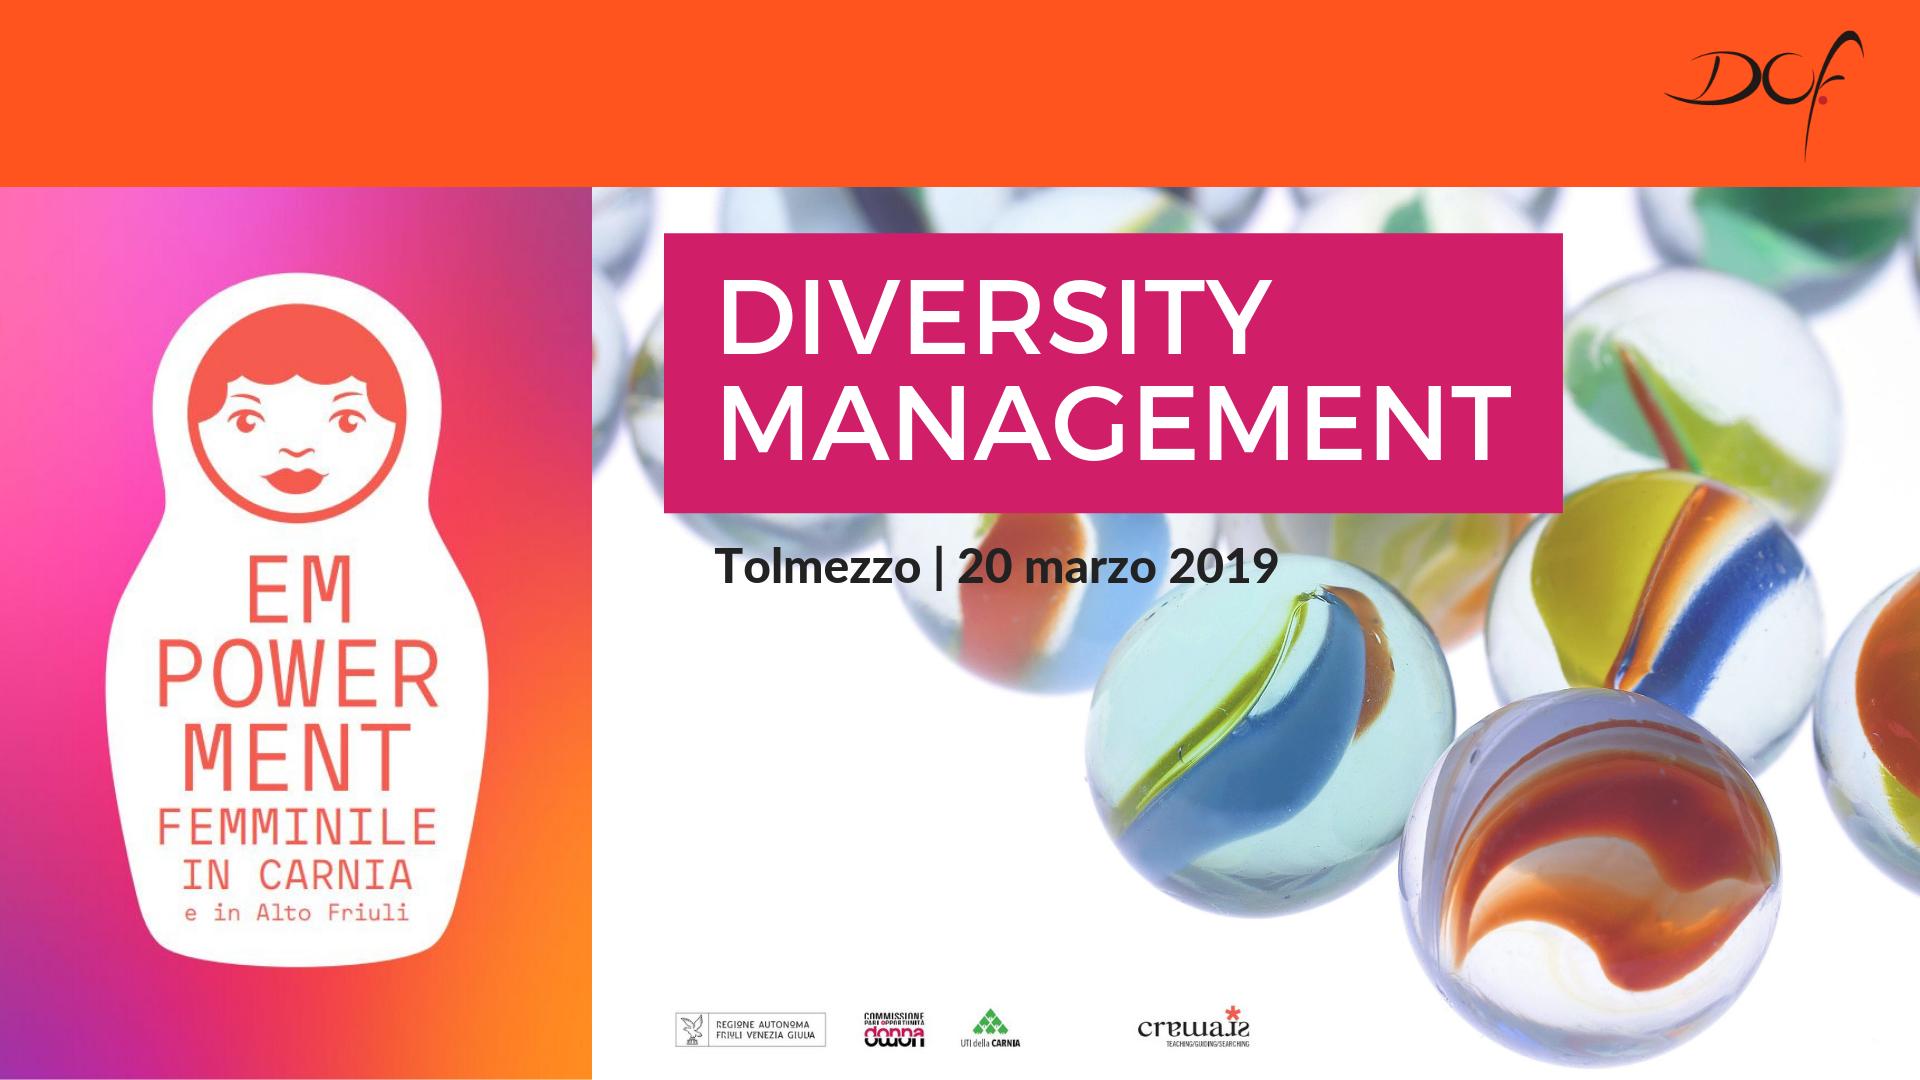 Diversity management DOF